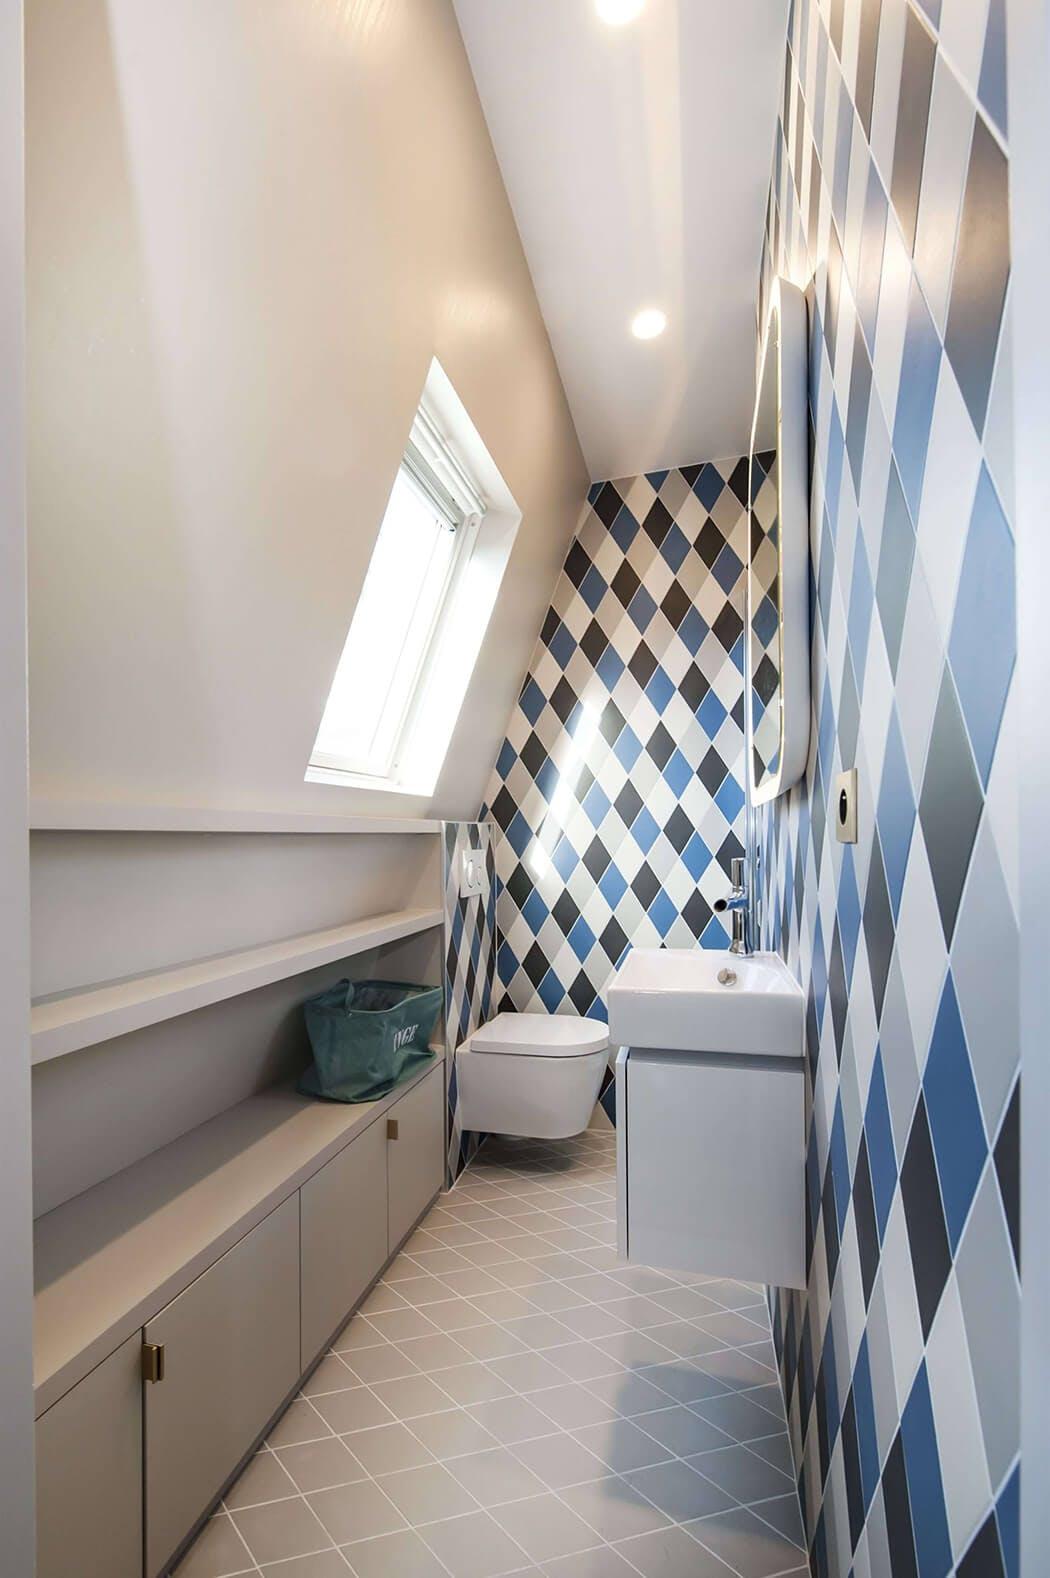 rangements encastrés sur-mesure pour cette salle de bain en enfilade